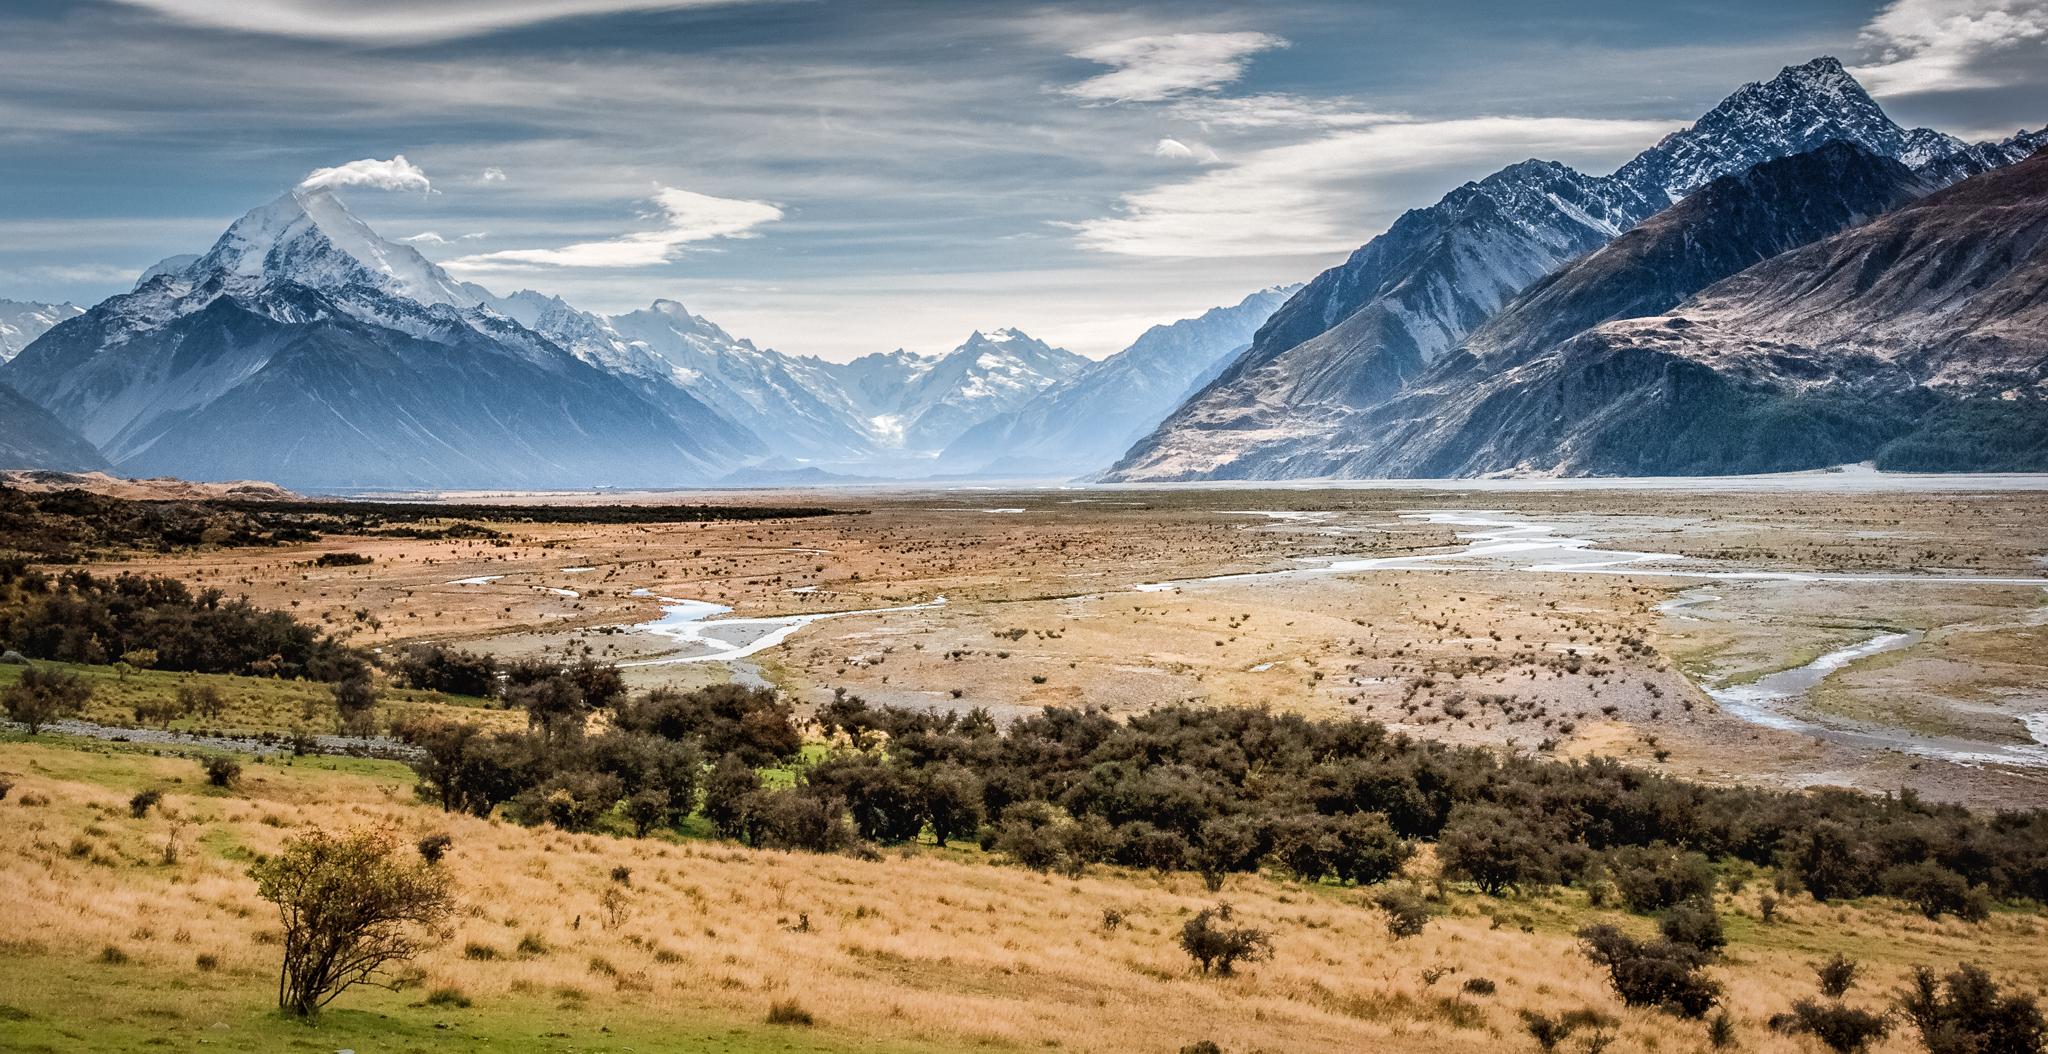 Tasman River flood plain, New Zealand